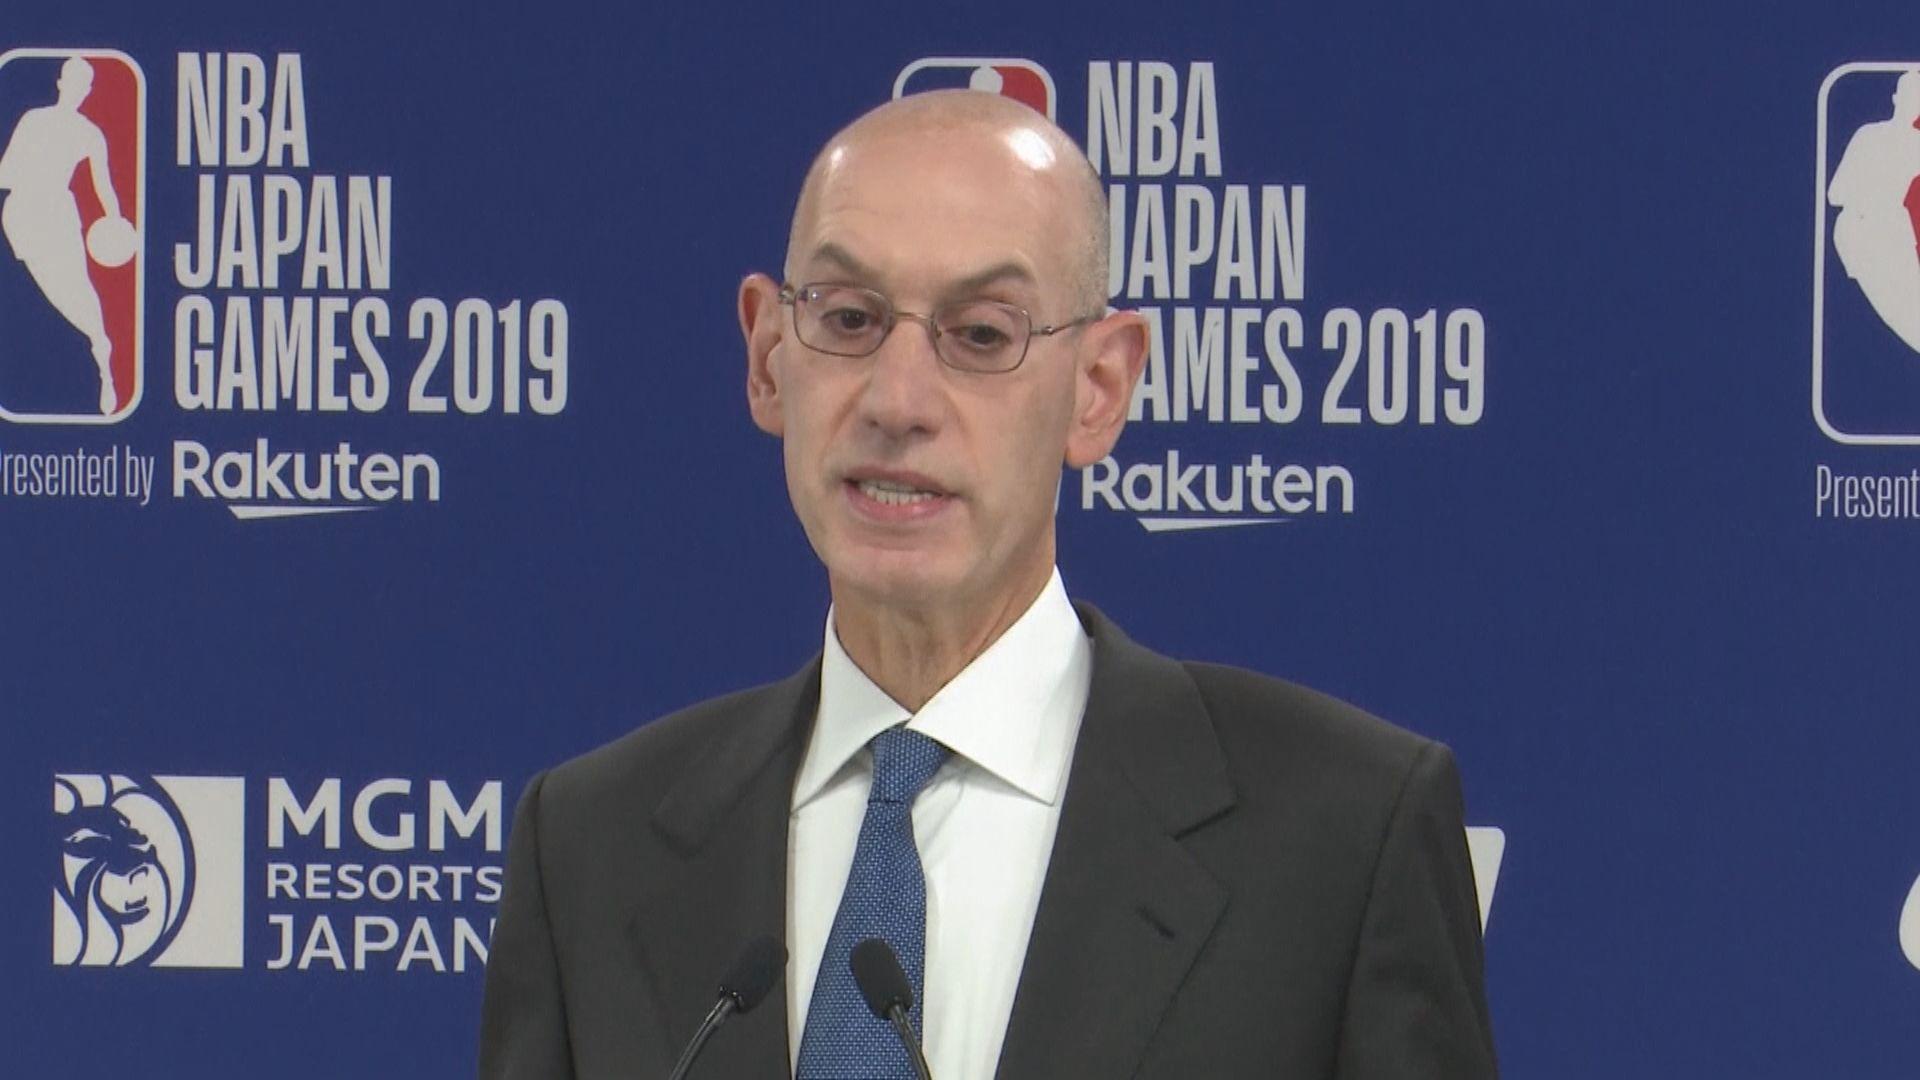 蕭華:即使央視報復他仍要奉行NBA價值